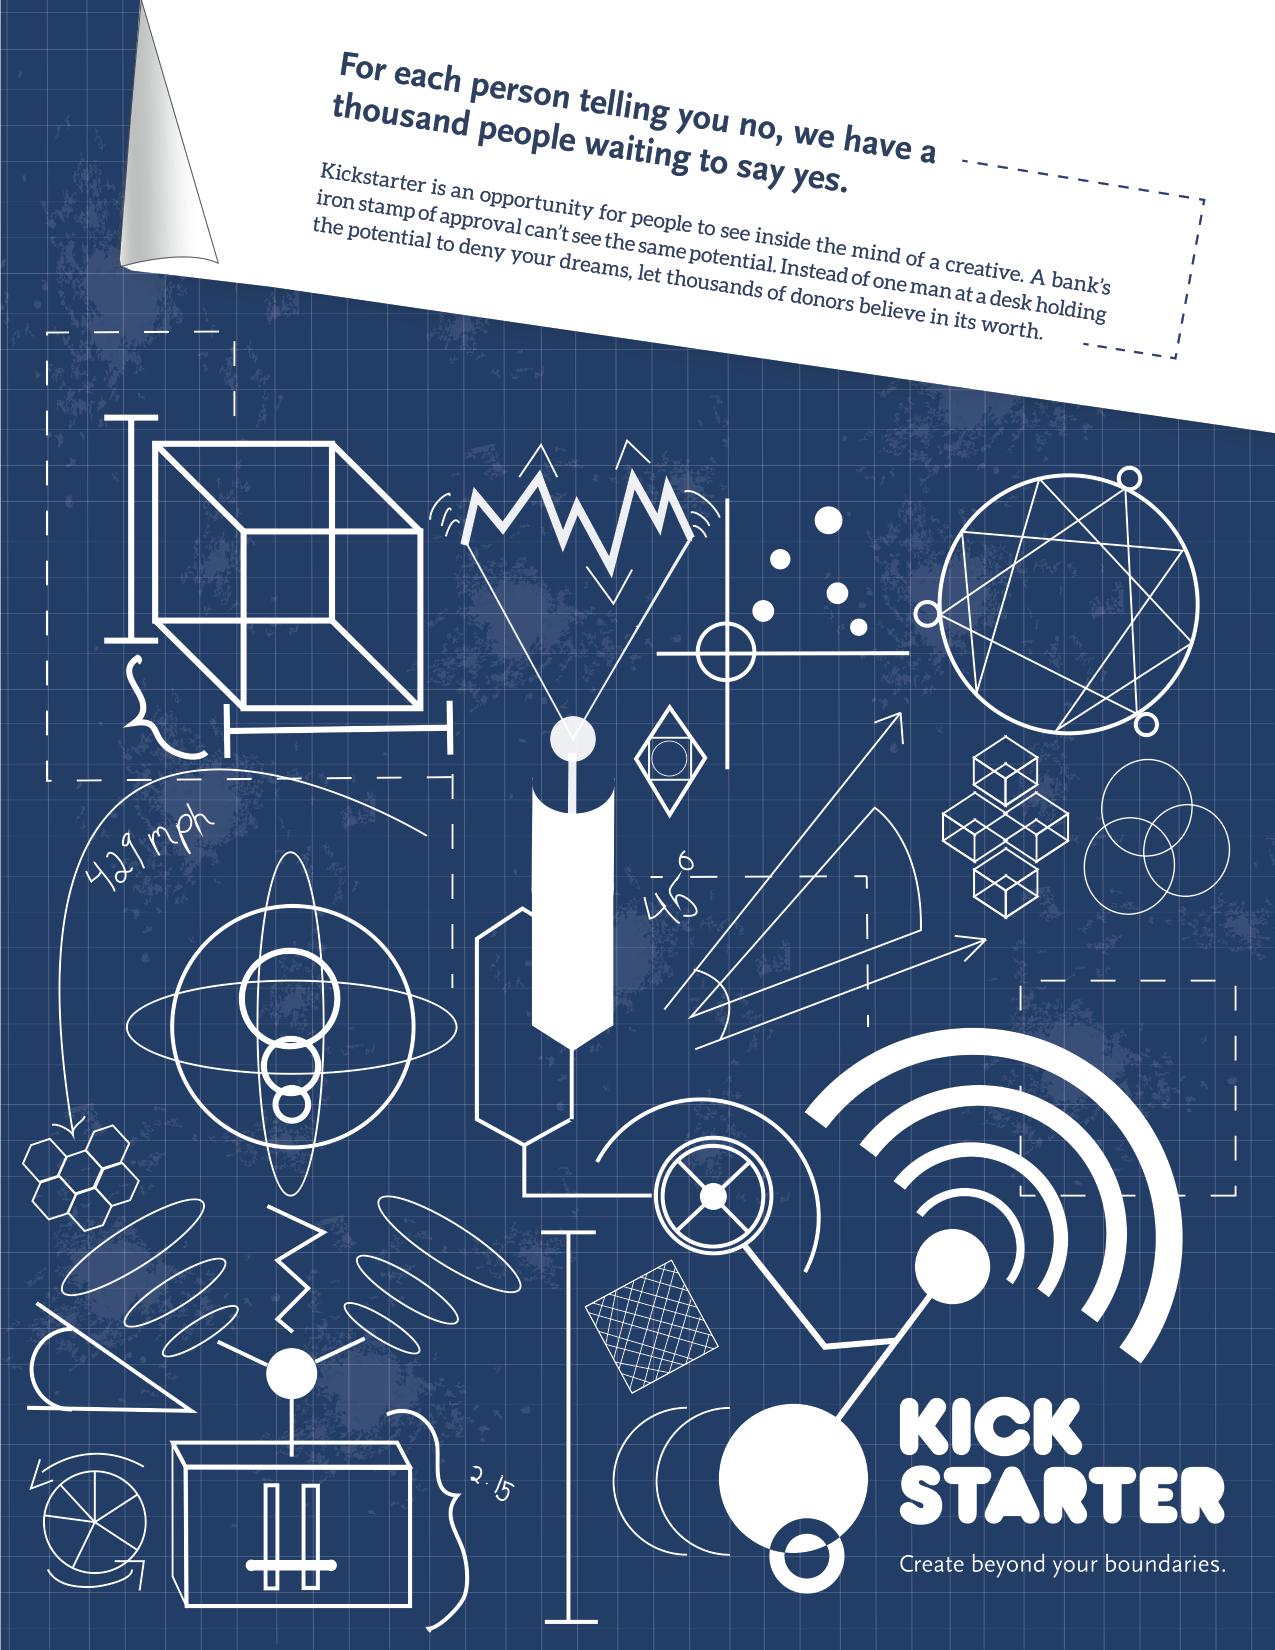 kickstarter1.jpg